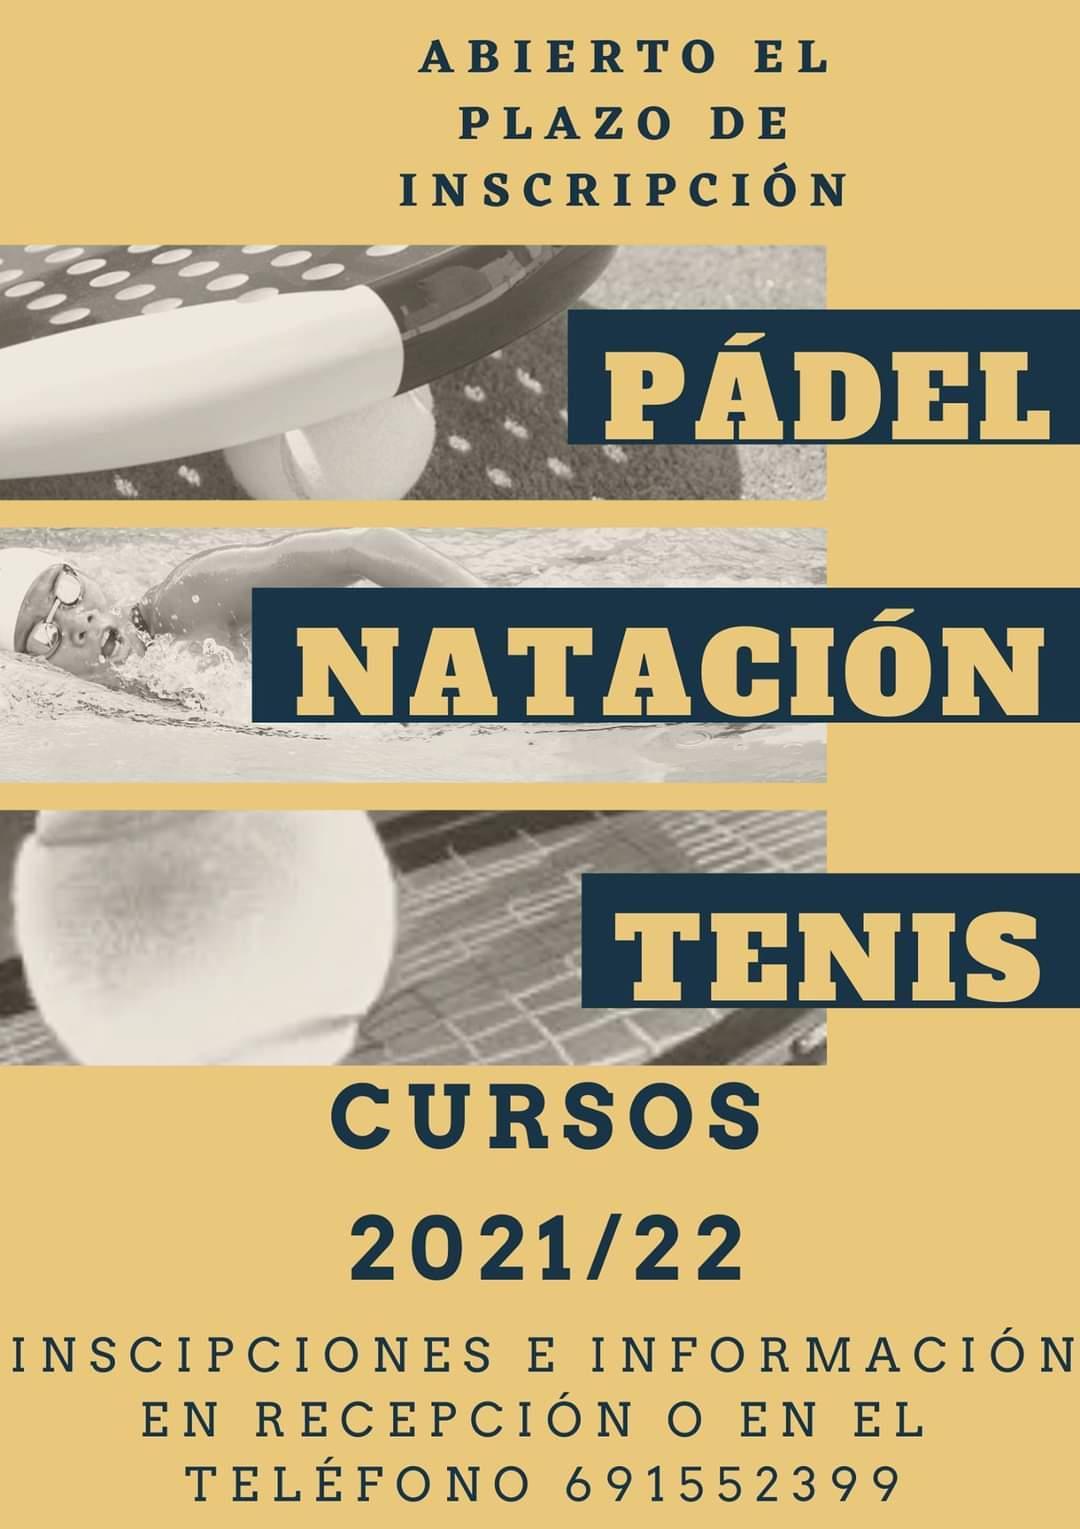 Abierto el plazo de inscripción para los Cursos 2021-2022 Padel, Natación y Tenis